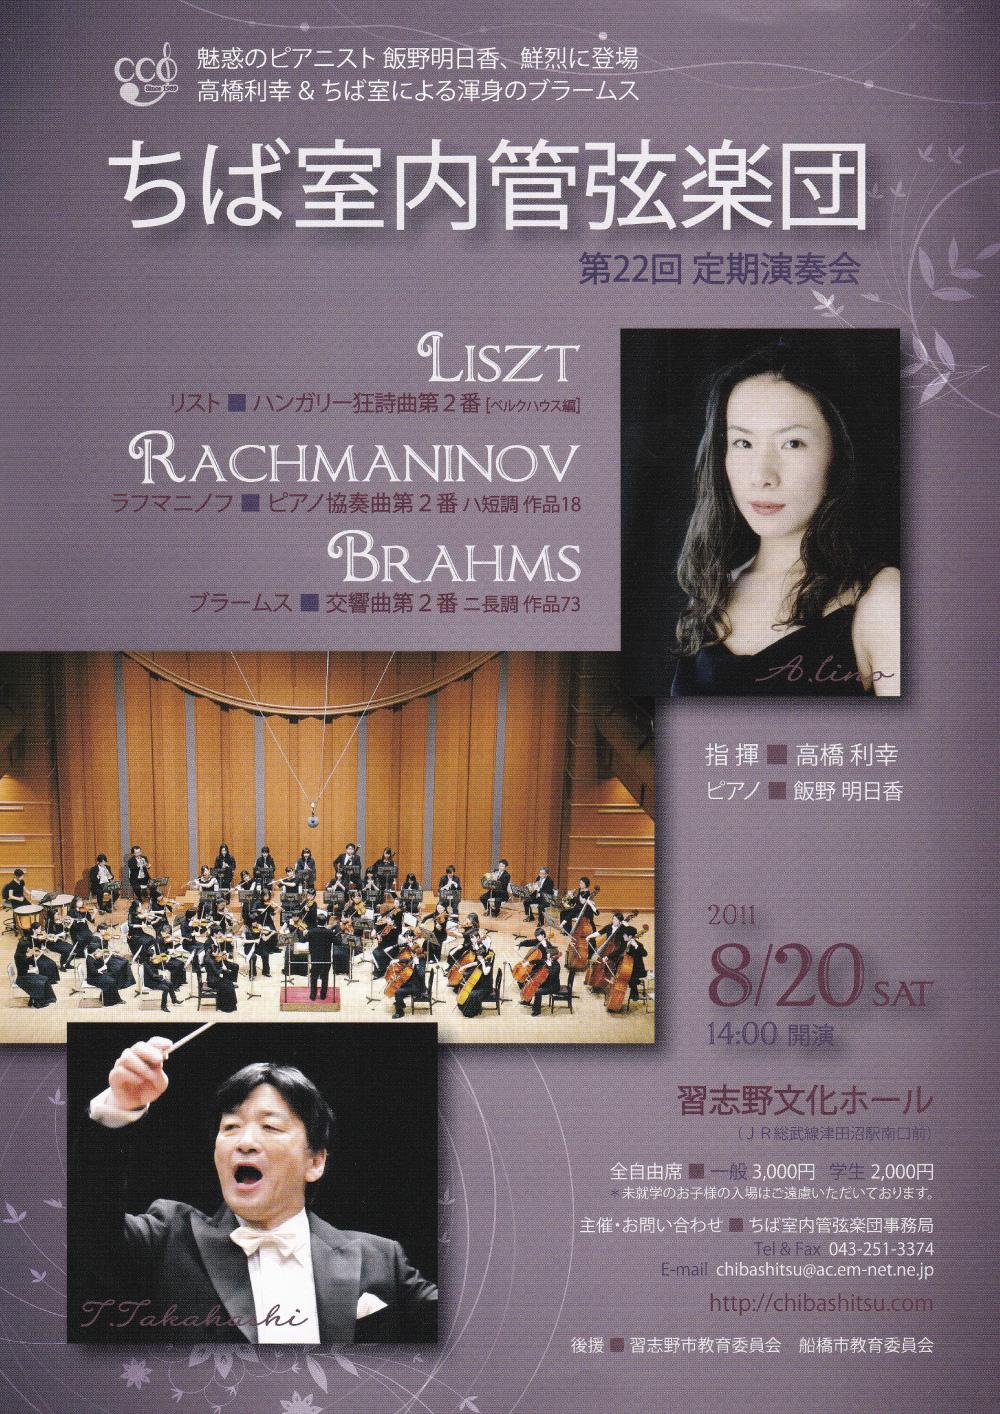 ちば室内管弦楽団 第22回定期公演